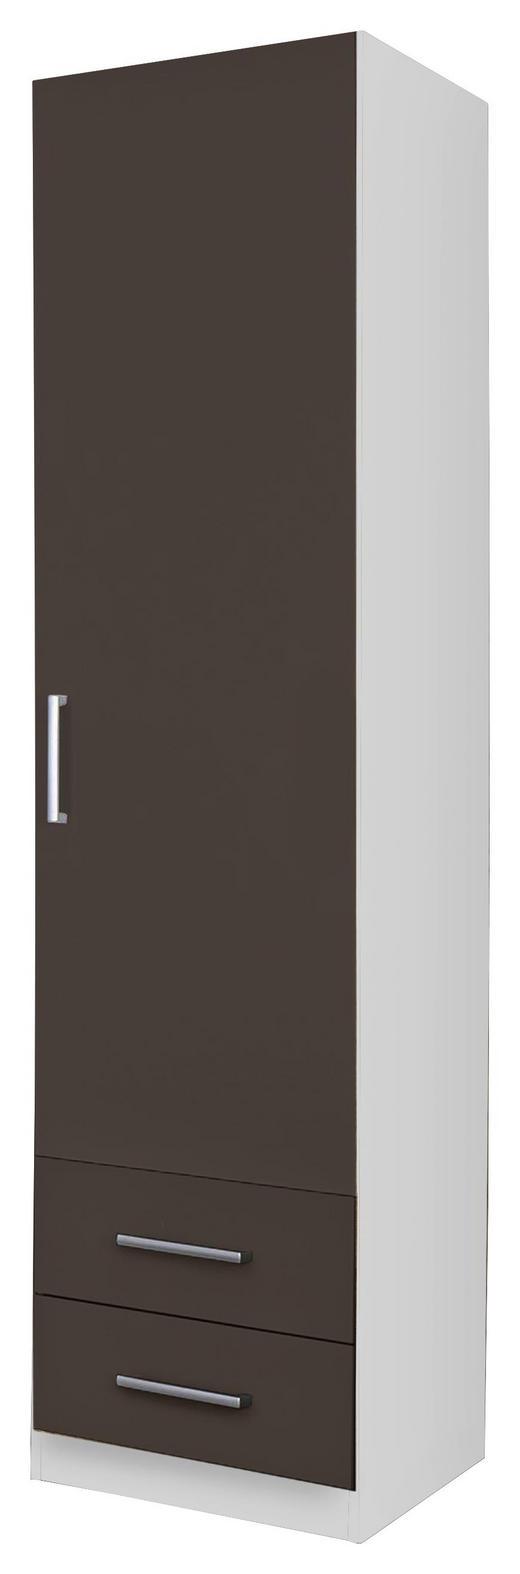 DREHTÜRENSCHRANK 1-türig Grau, Weiß - Silberfarben/Weiß, Design, Holzwerkstoff/Kunststoff (47/197/54cm) - Carryhome